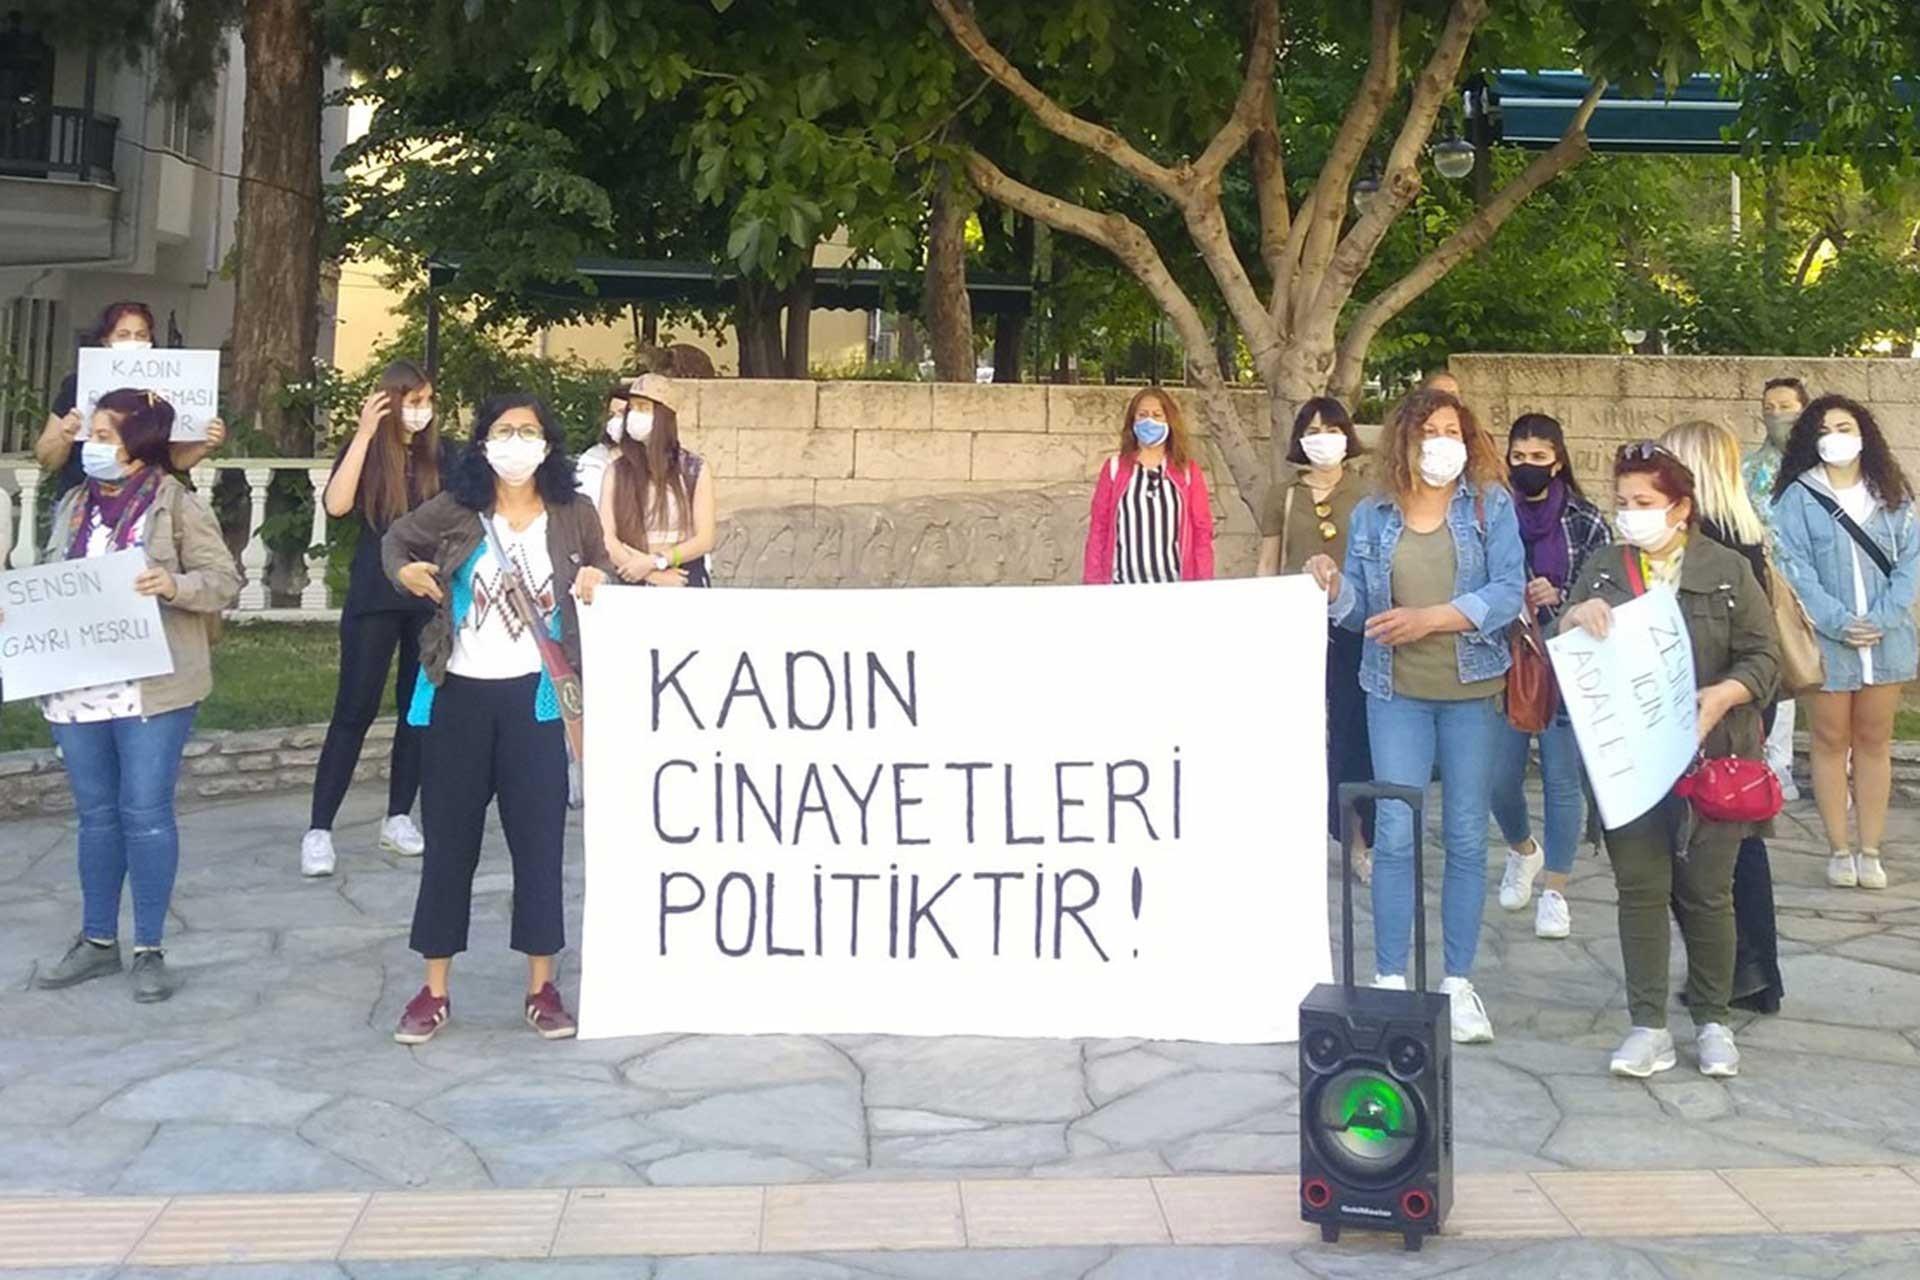 Muğla'da kadınlar öldürülen Zeynep Şenpınar için basın açıklaması yaptı.